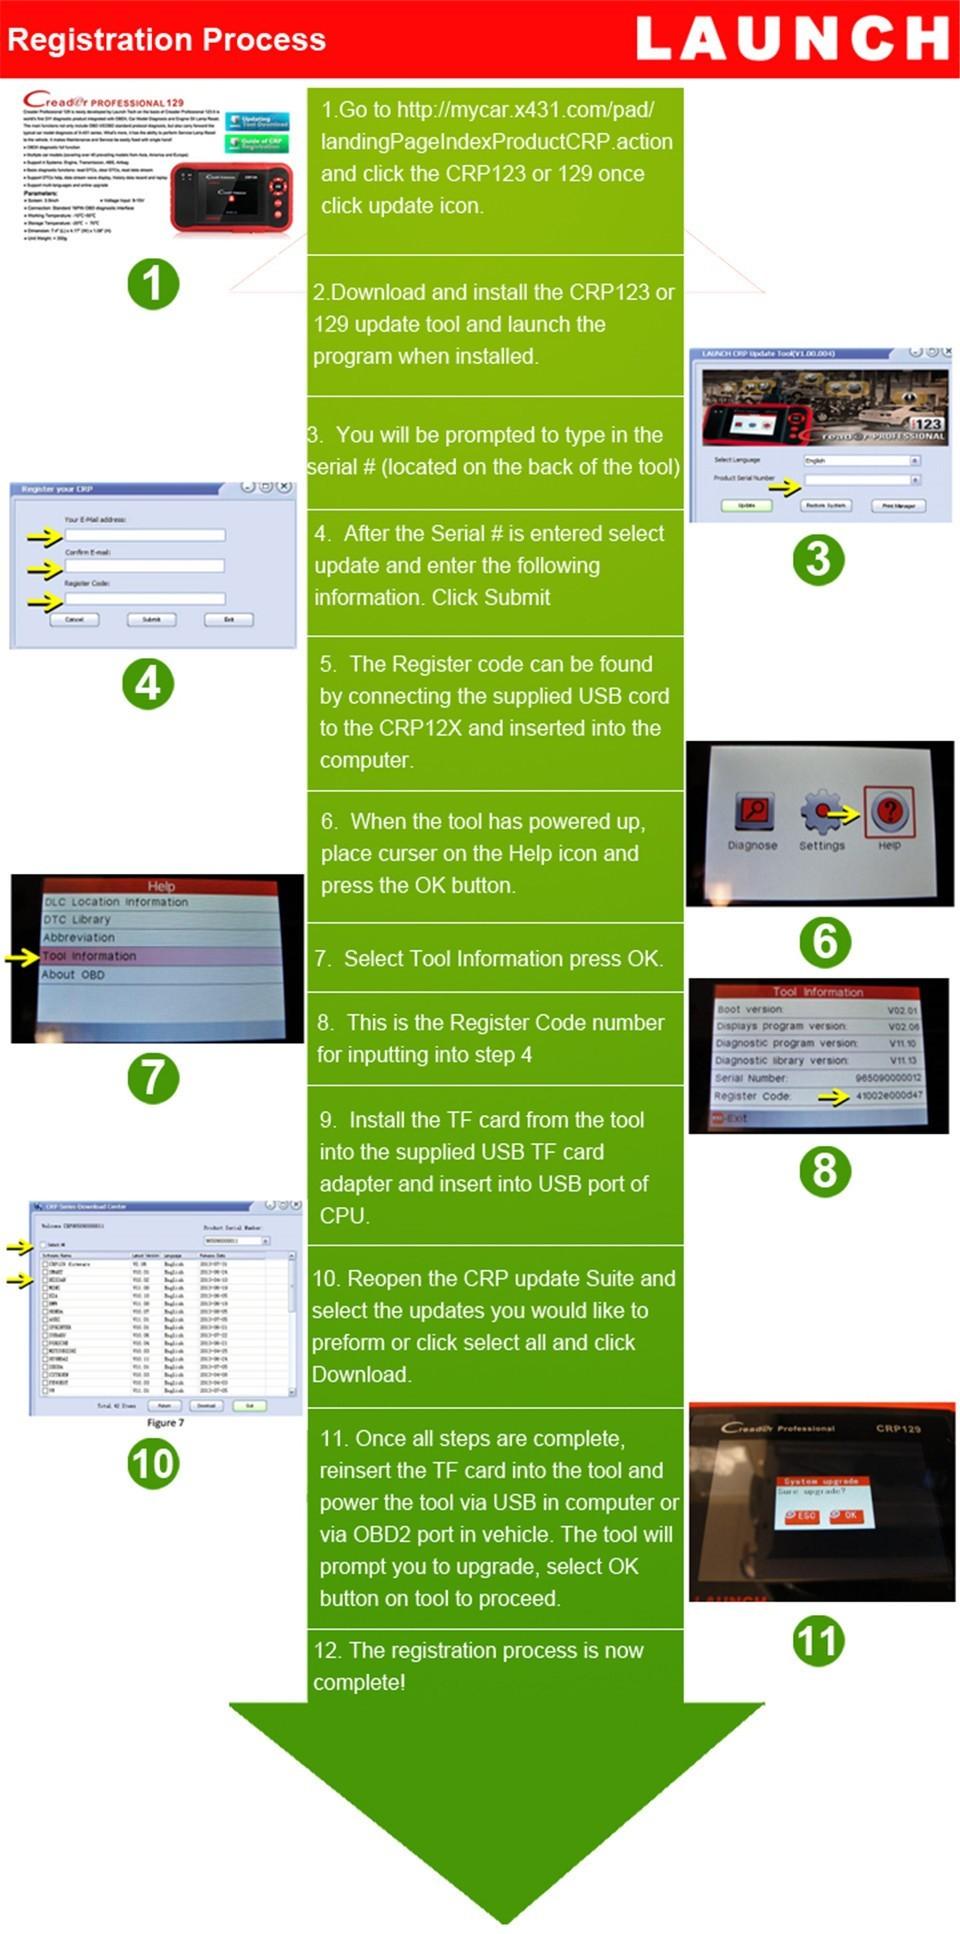 Lancement CRP123 Mise À Jour En Ligne LANCEMENT X431 Creader PRO 123 ABS, SRS, transmission et Code Moteur Scanner comme creader vii +